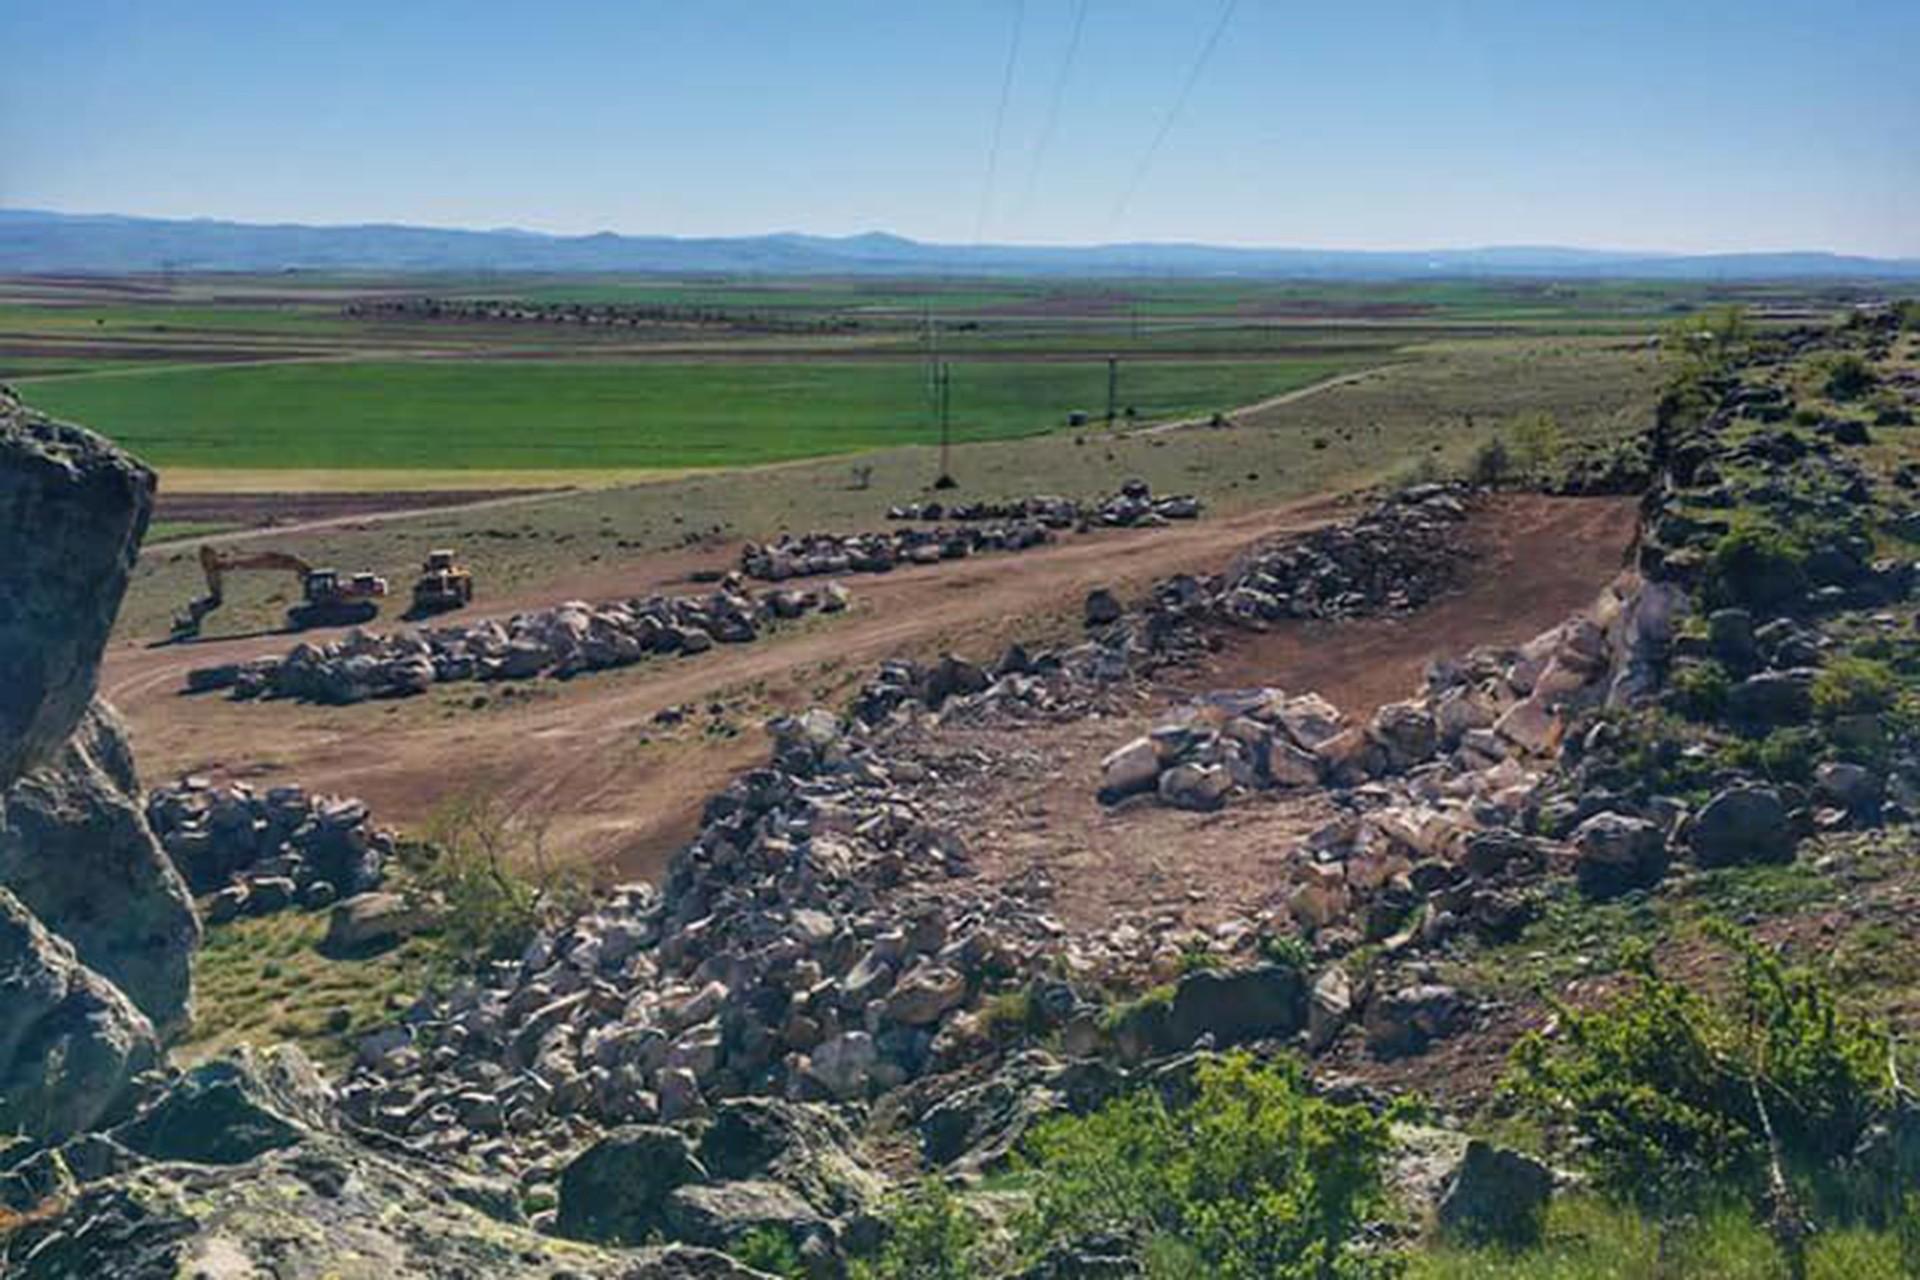 Karaburç'ta taş ocağı izni verilen alanda iş makinelerinin çalıştığı andan bir fotoğraf.